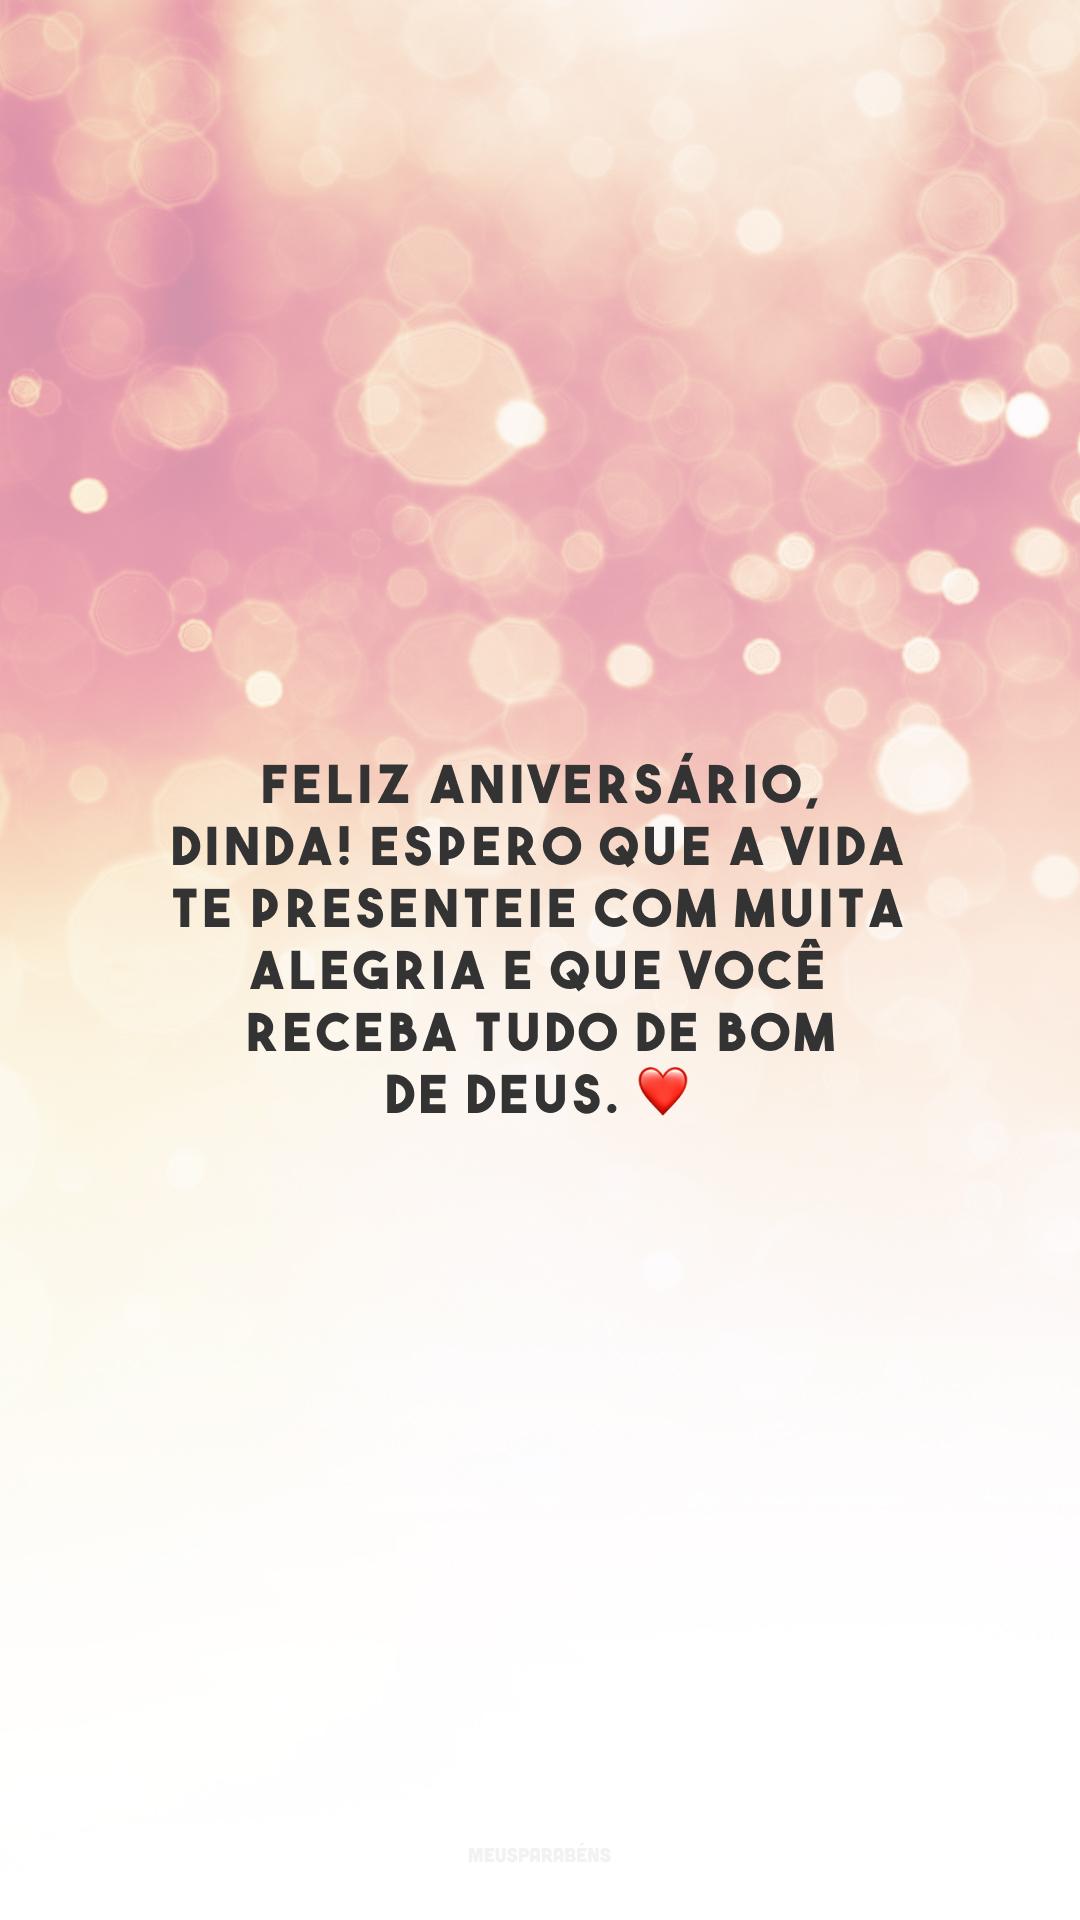 Feliz aniversário, dinda! Espero que a vida te presenteie com muita alegria e que você receba tudo de bom de Deus. ❤️